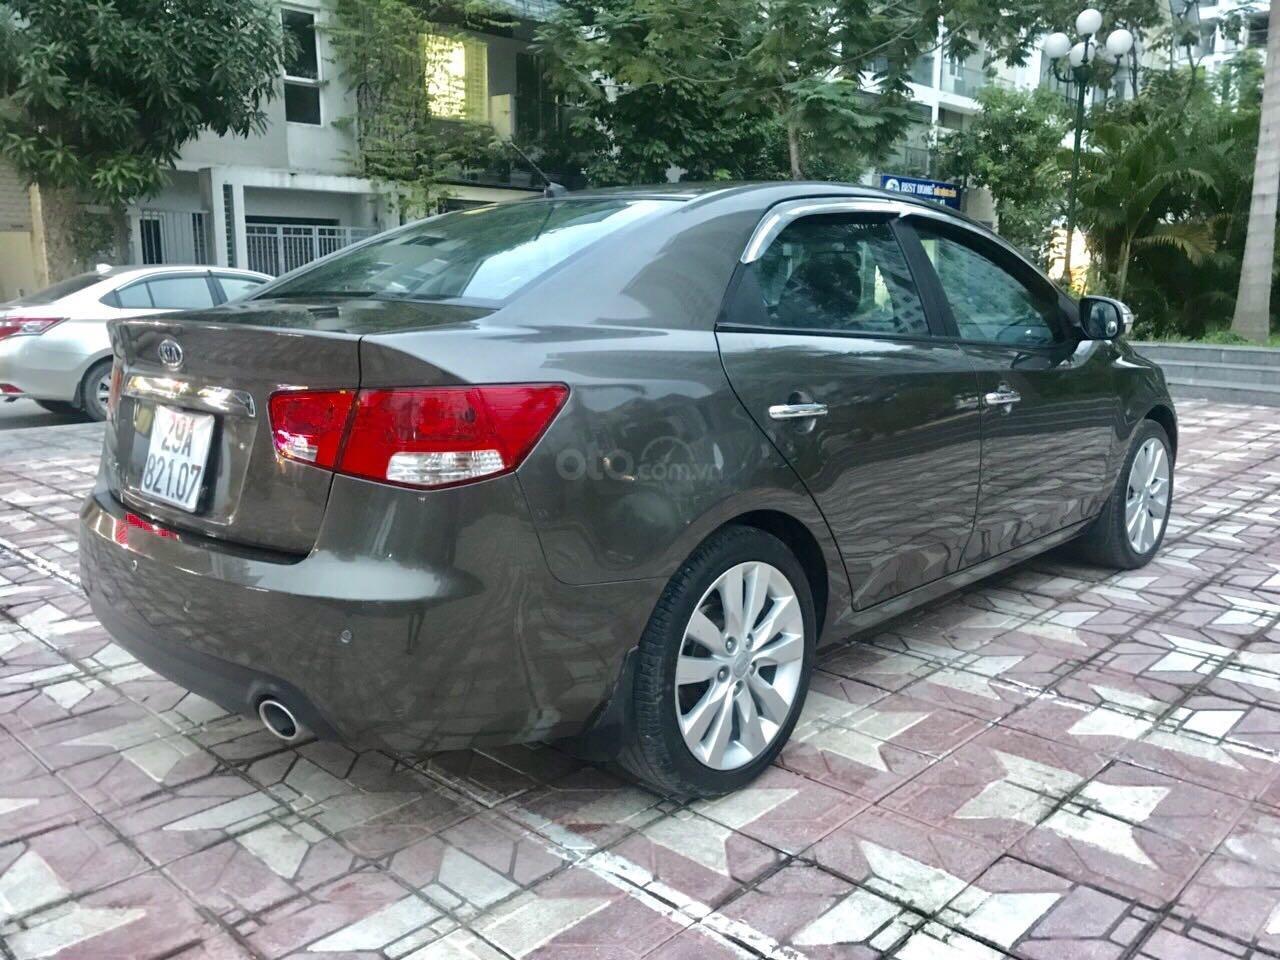 Bán ô tô Kia Cerato sản xuất 2010, màu nâu, xe gia đình giá tốt 370 triệu đồng (4)